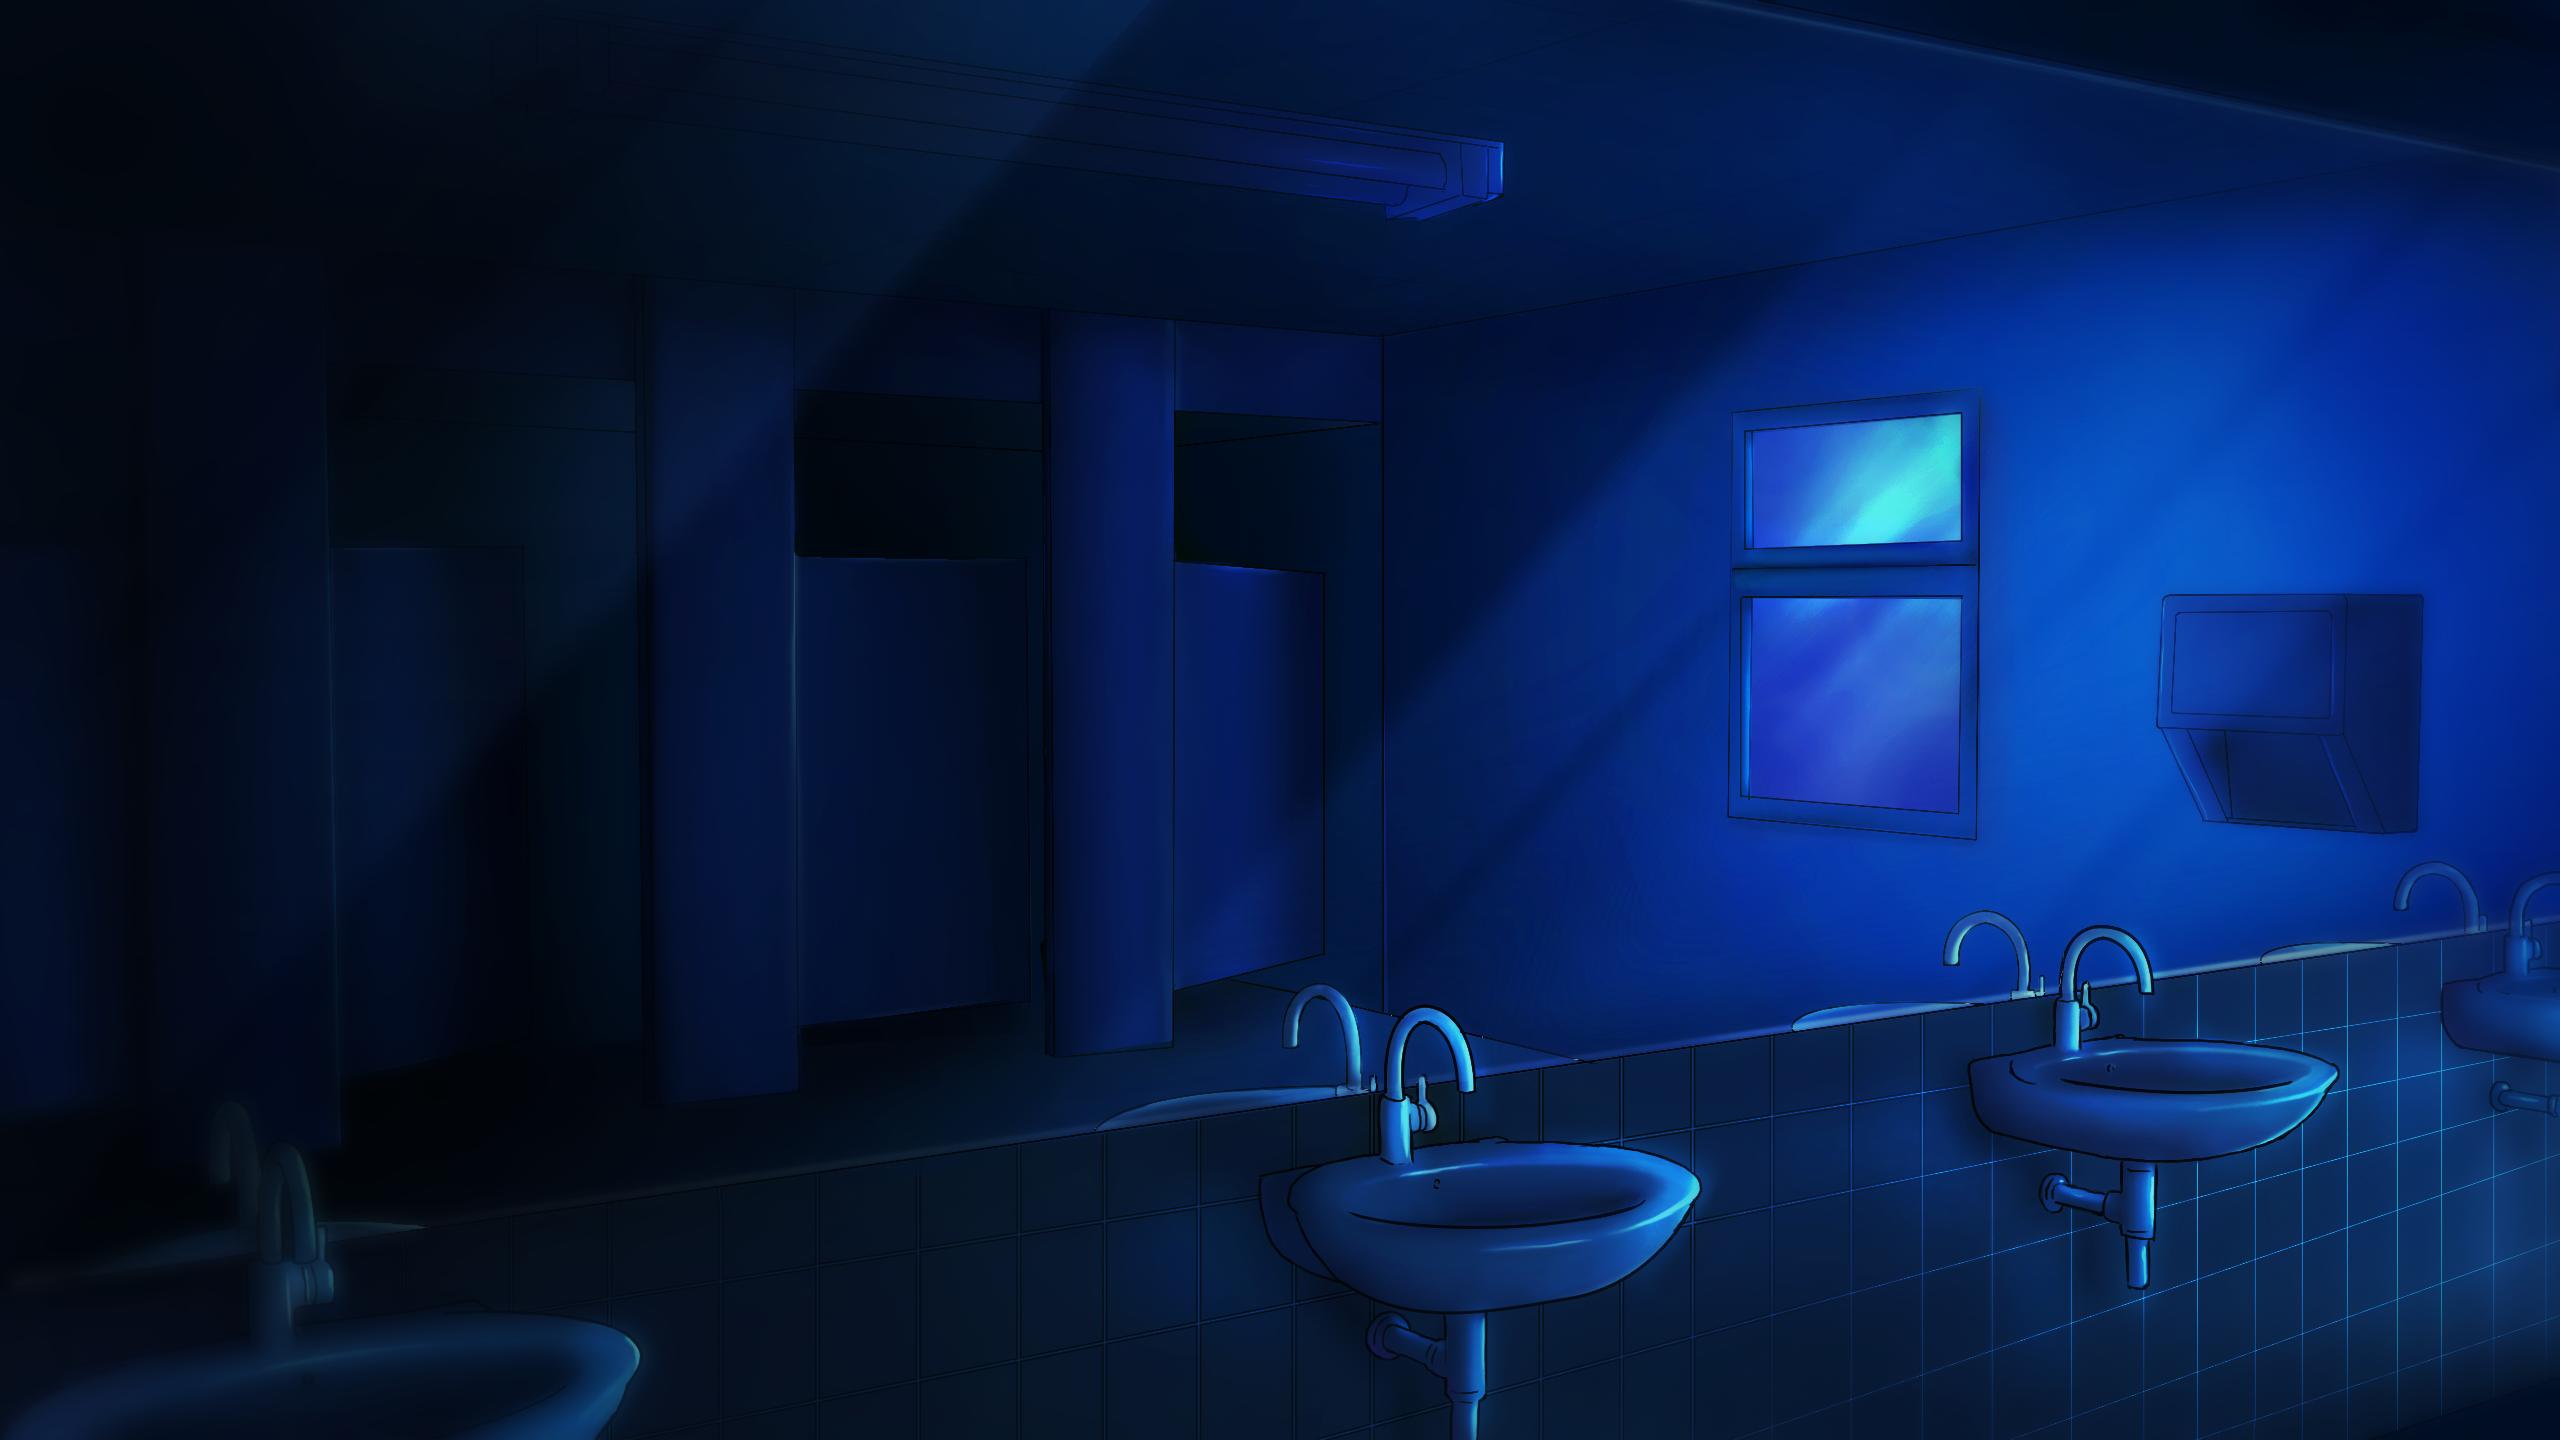 School Bathroom (Night time) by Enigma-XIII